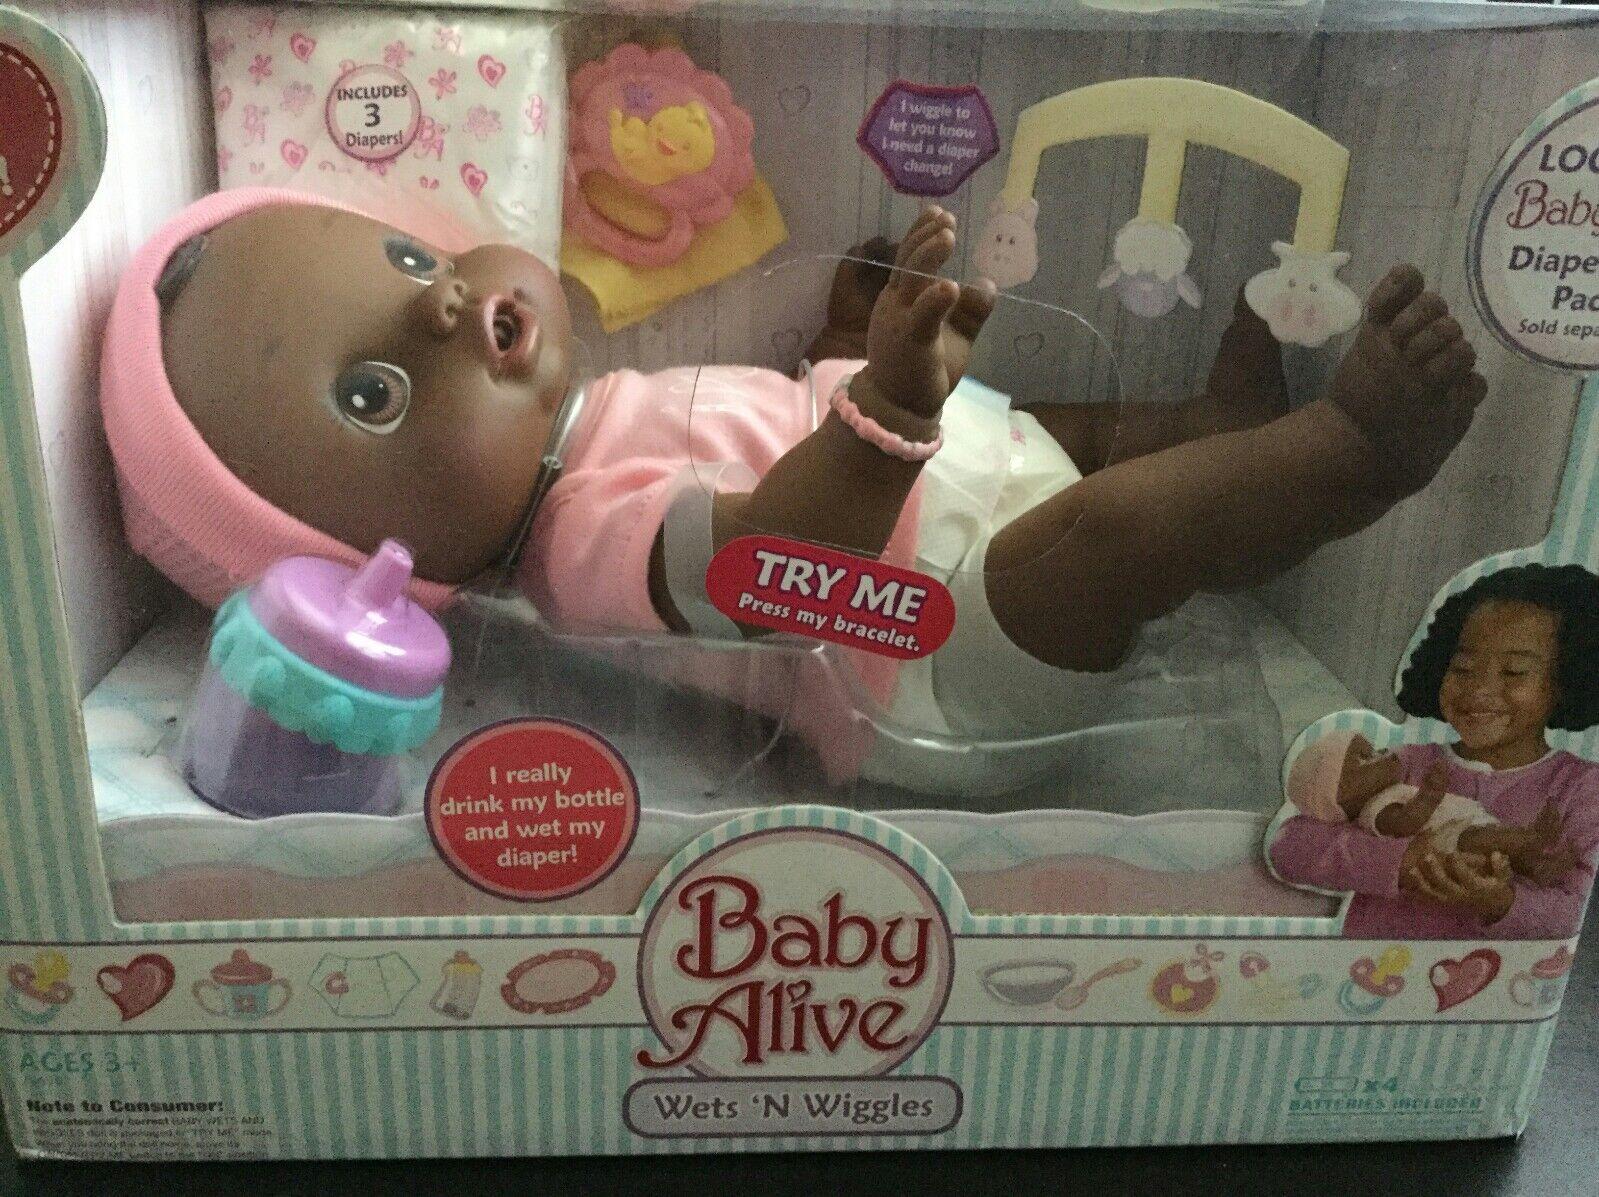 Nuevo bebé vivo siempre moja n Wiggles étnico African American Girl Doll Original De 2006